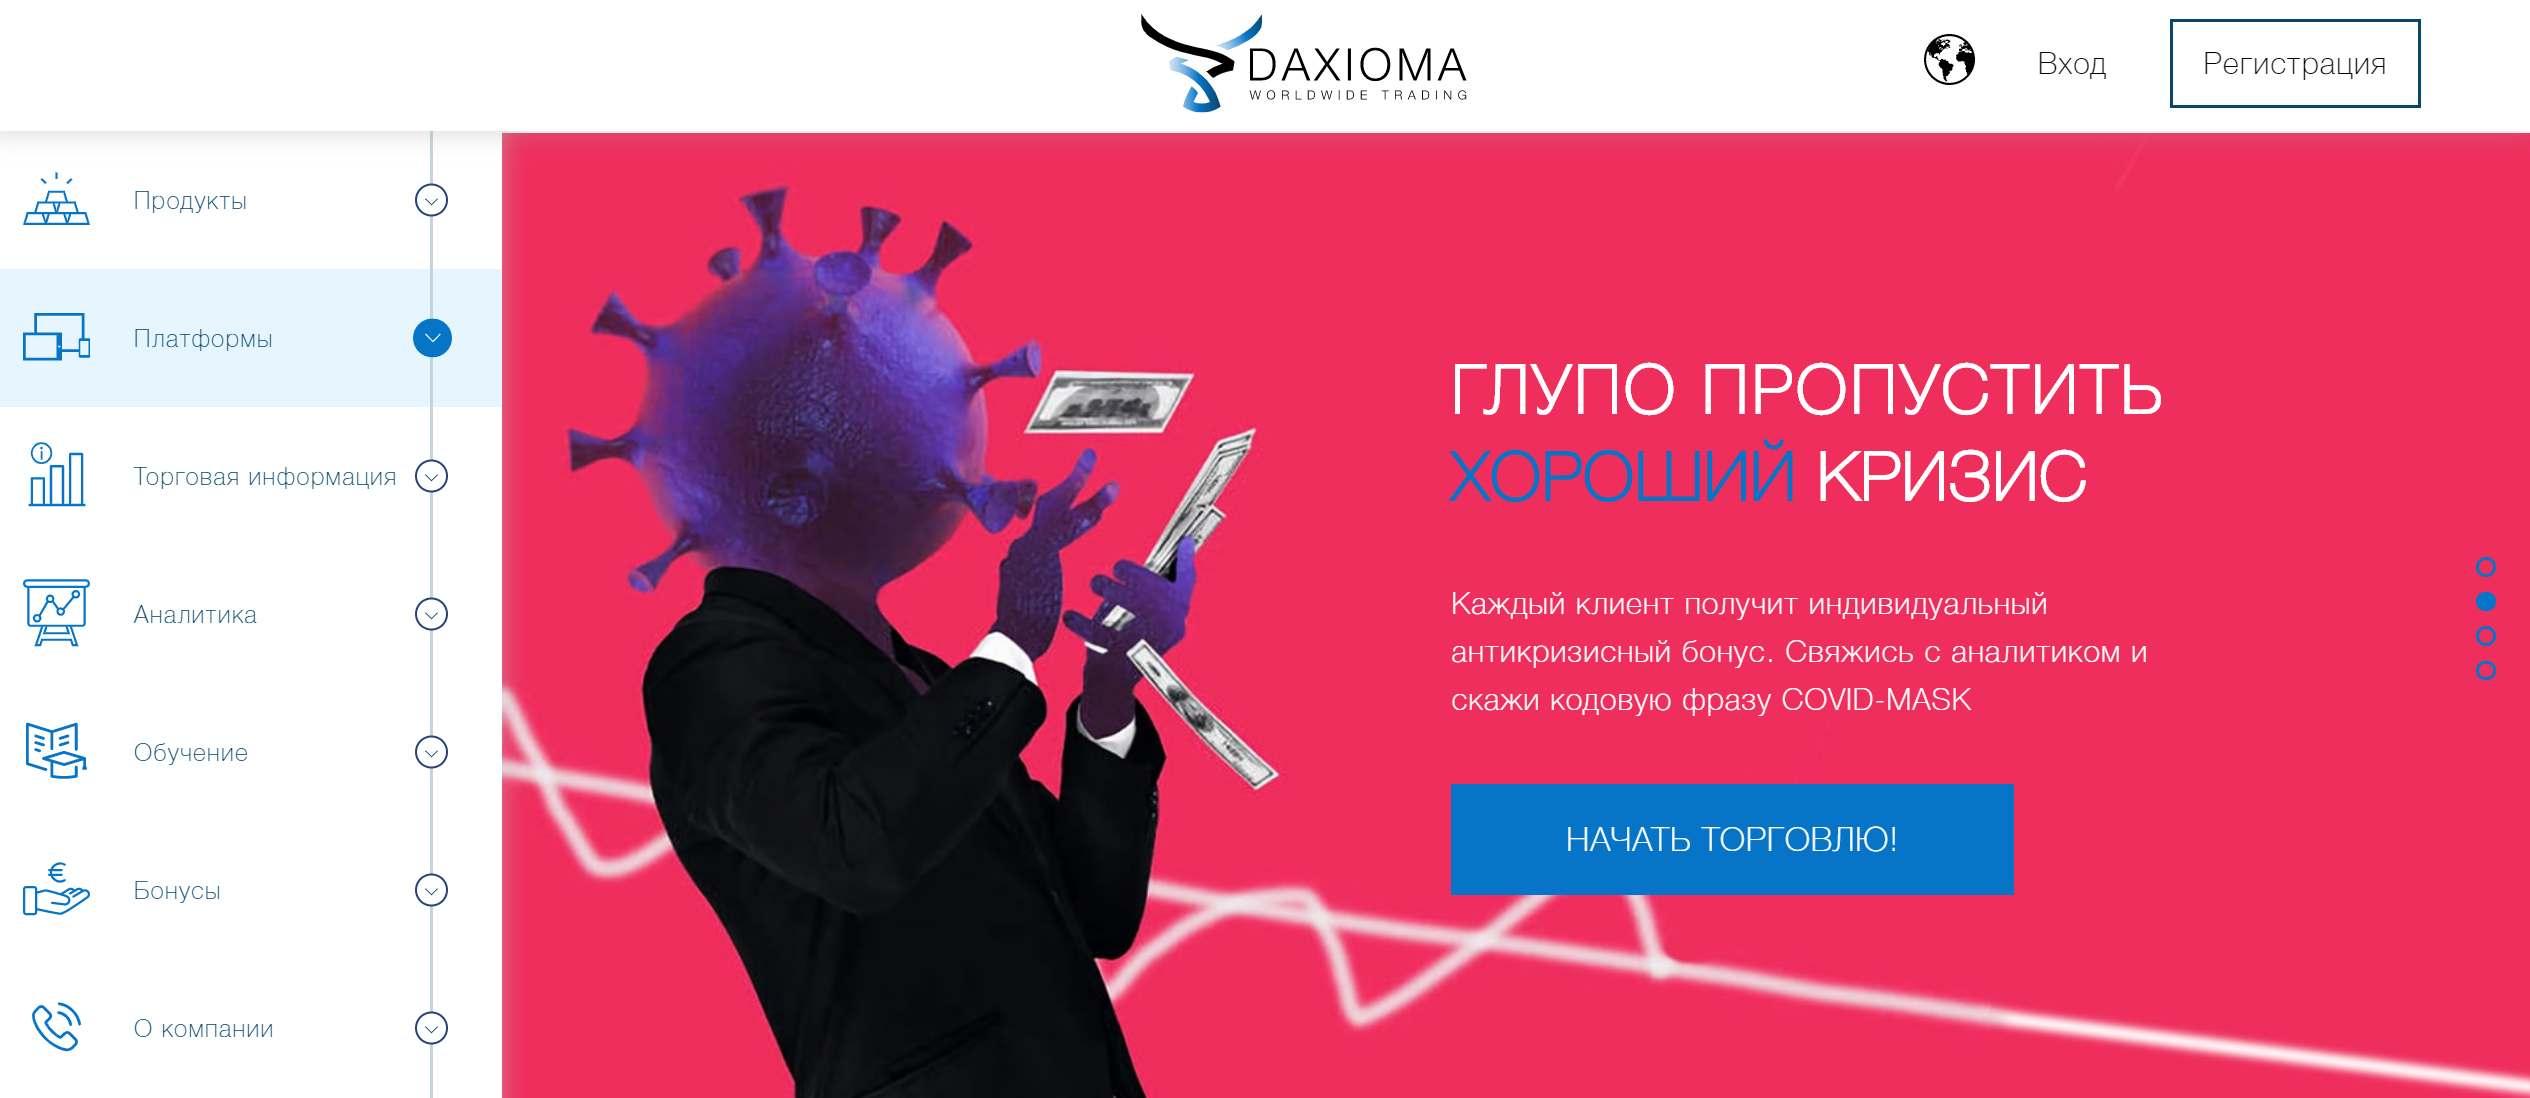 Обзор Daxioma. Правдивые отзывы на мутный проект. Стоит ли доверять?